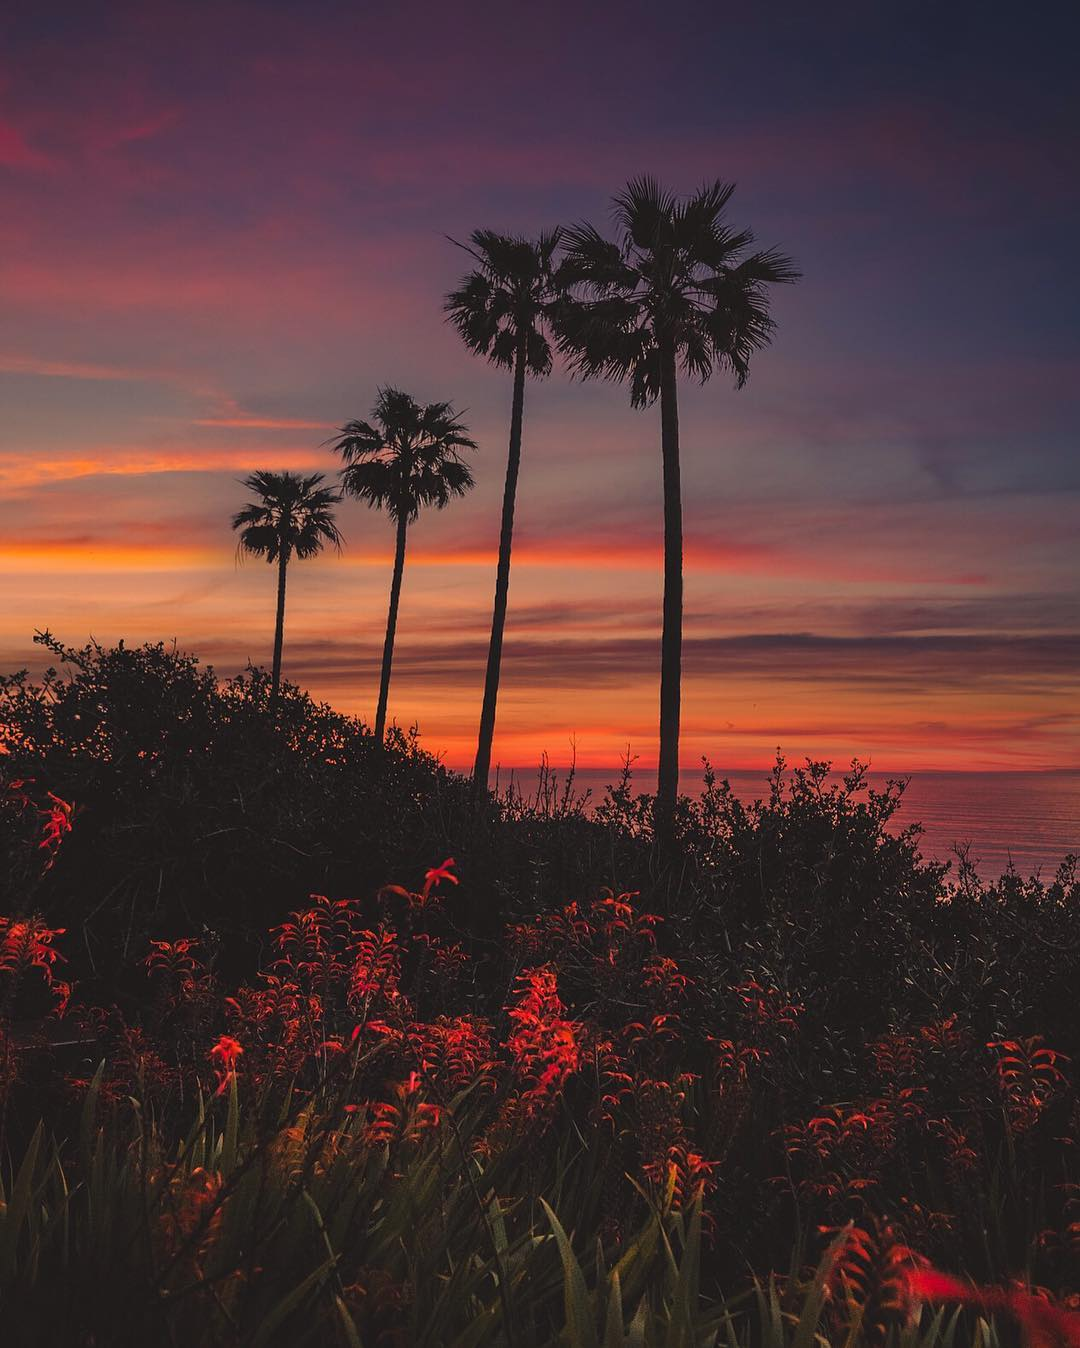 Сказочные пейзажи Сан-Диего от Alec Basanec